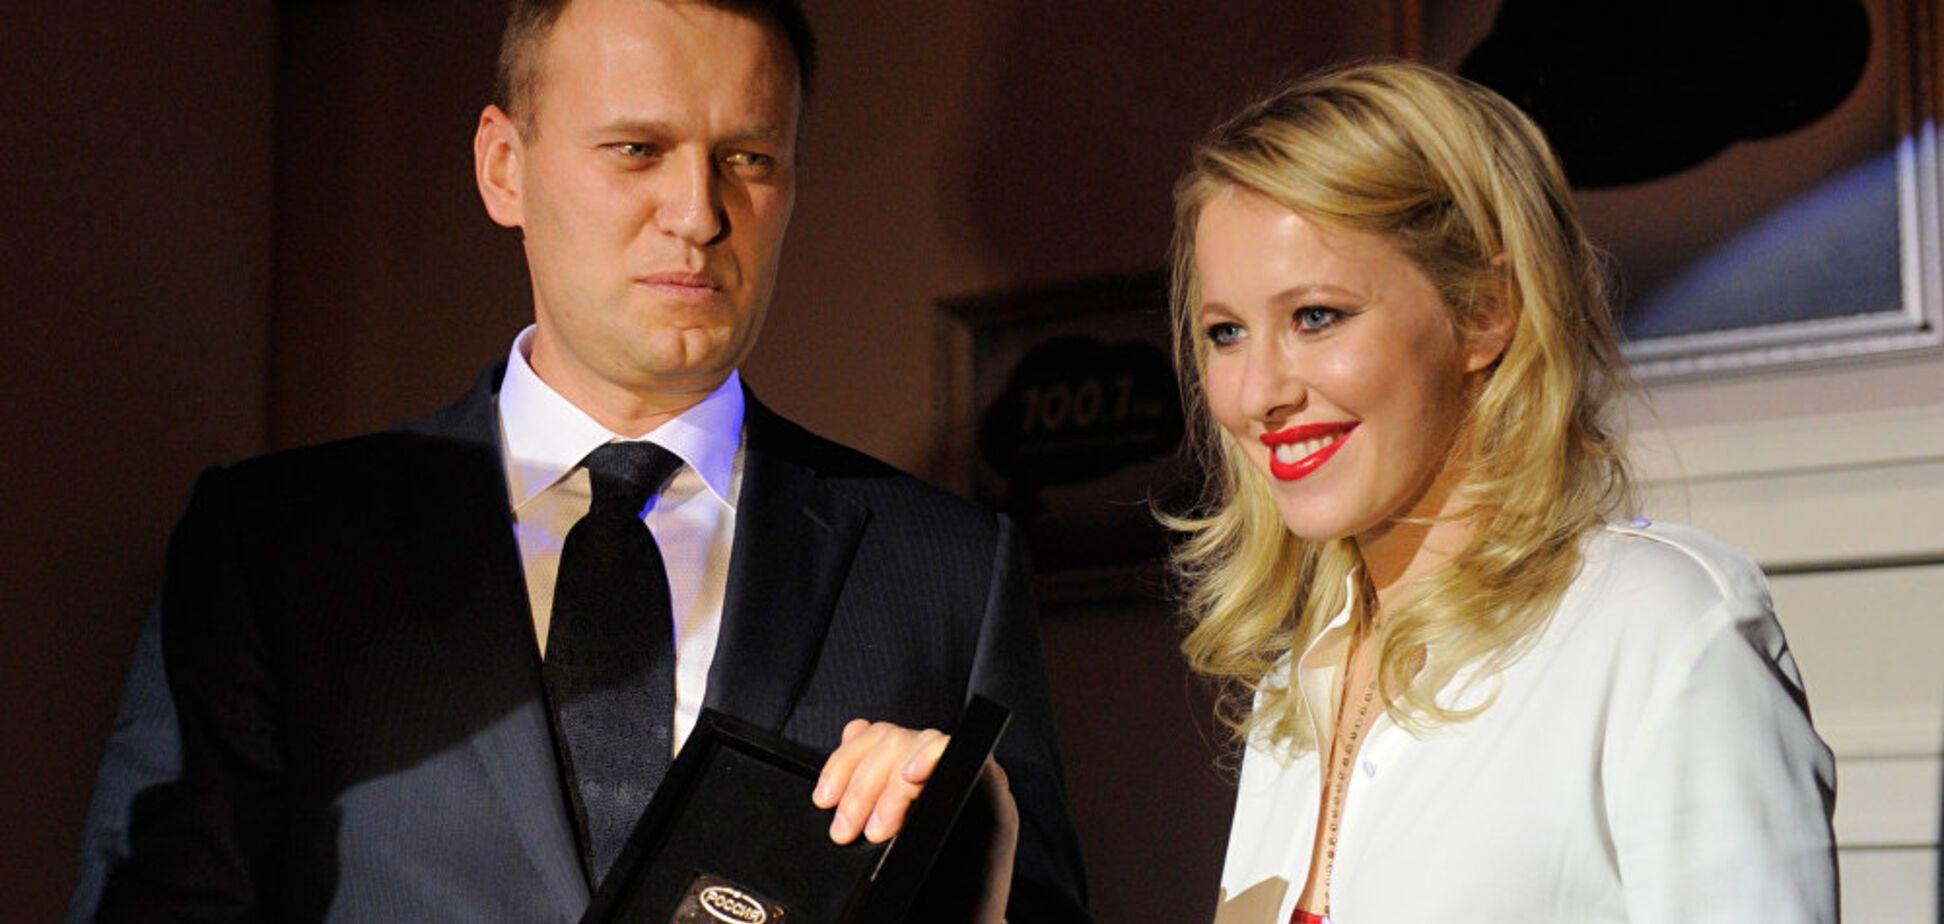 Сказка о Рапунцель: в сети остро высмеяли Навального и Собчак